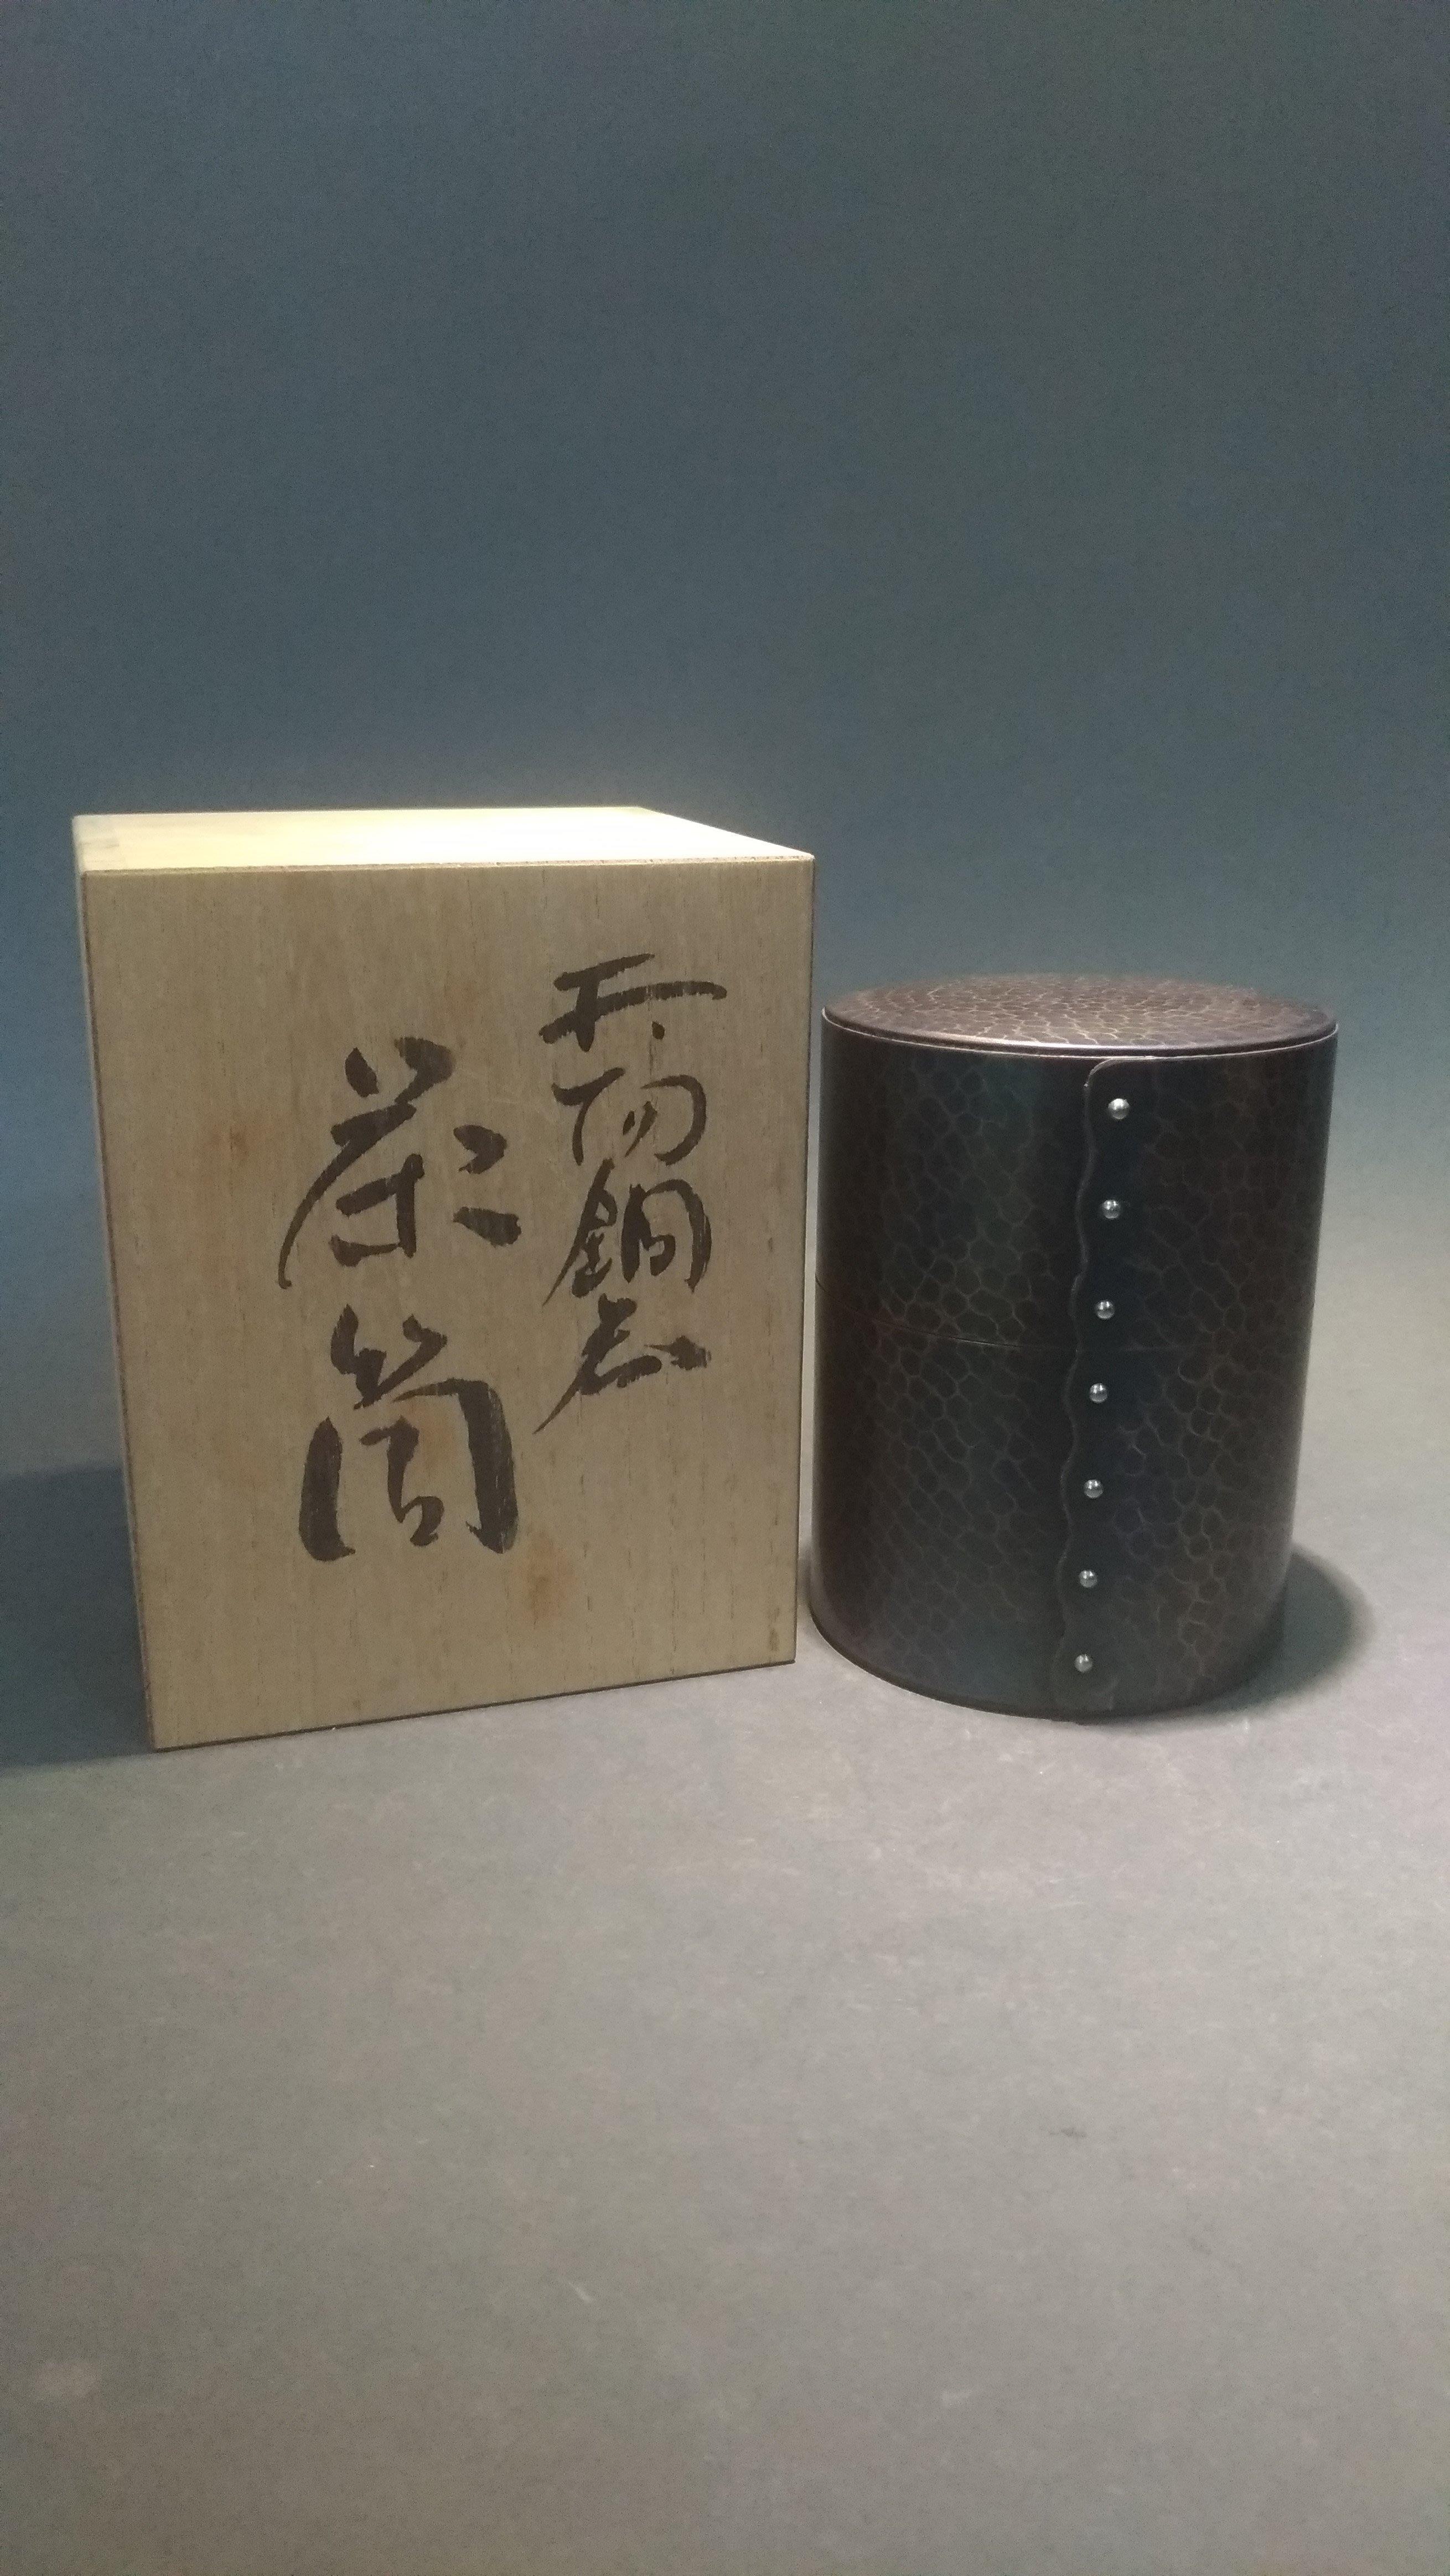 ☆清沁苑☆日本茶道具~鎚打銅器 富貴堂 紫金鎚目紋 茶筒 茶入 茶葉罐~d540